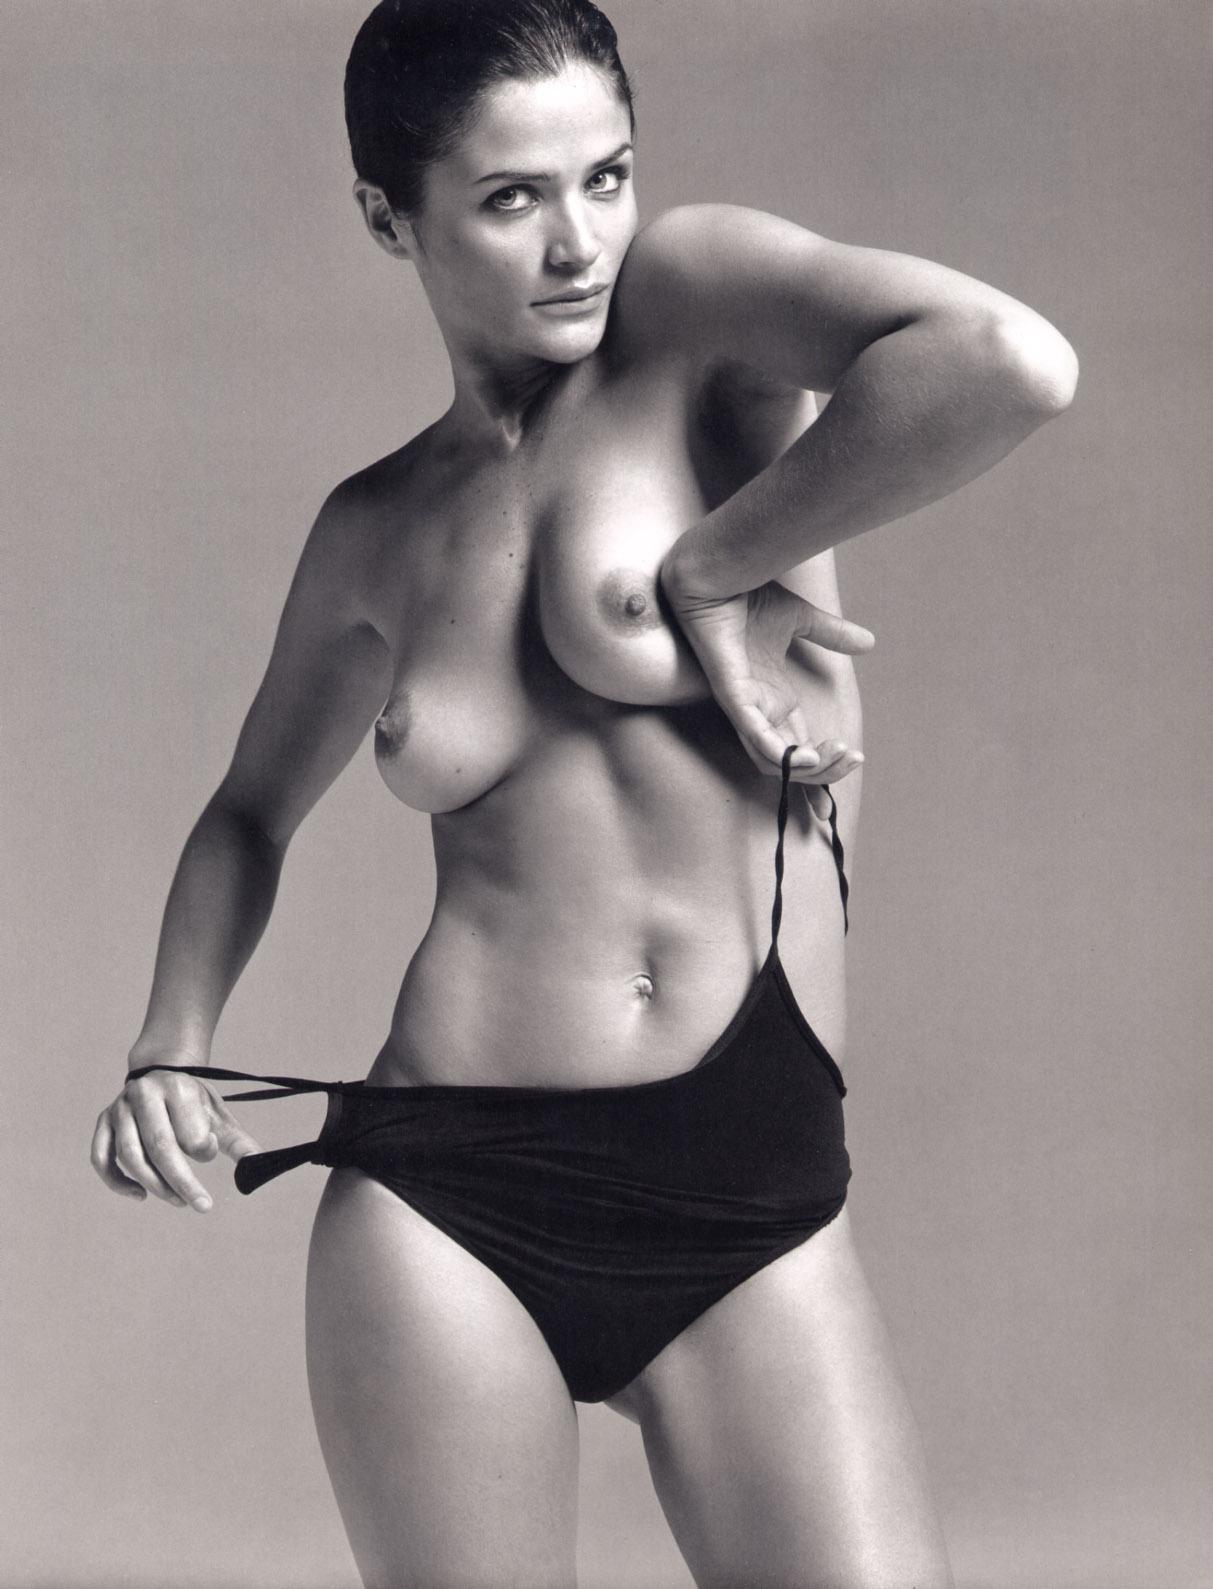 http://1.bp.blogspot.com/-518Z49XvWnU/T8ch3Ie0jwI/AAAAAAAAGzc/UmjOreExXSo/s1600/2003_Vogue_Paris_Calendar_Ph_Inez_Van_Lamsveerde1.jpg